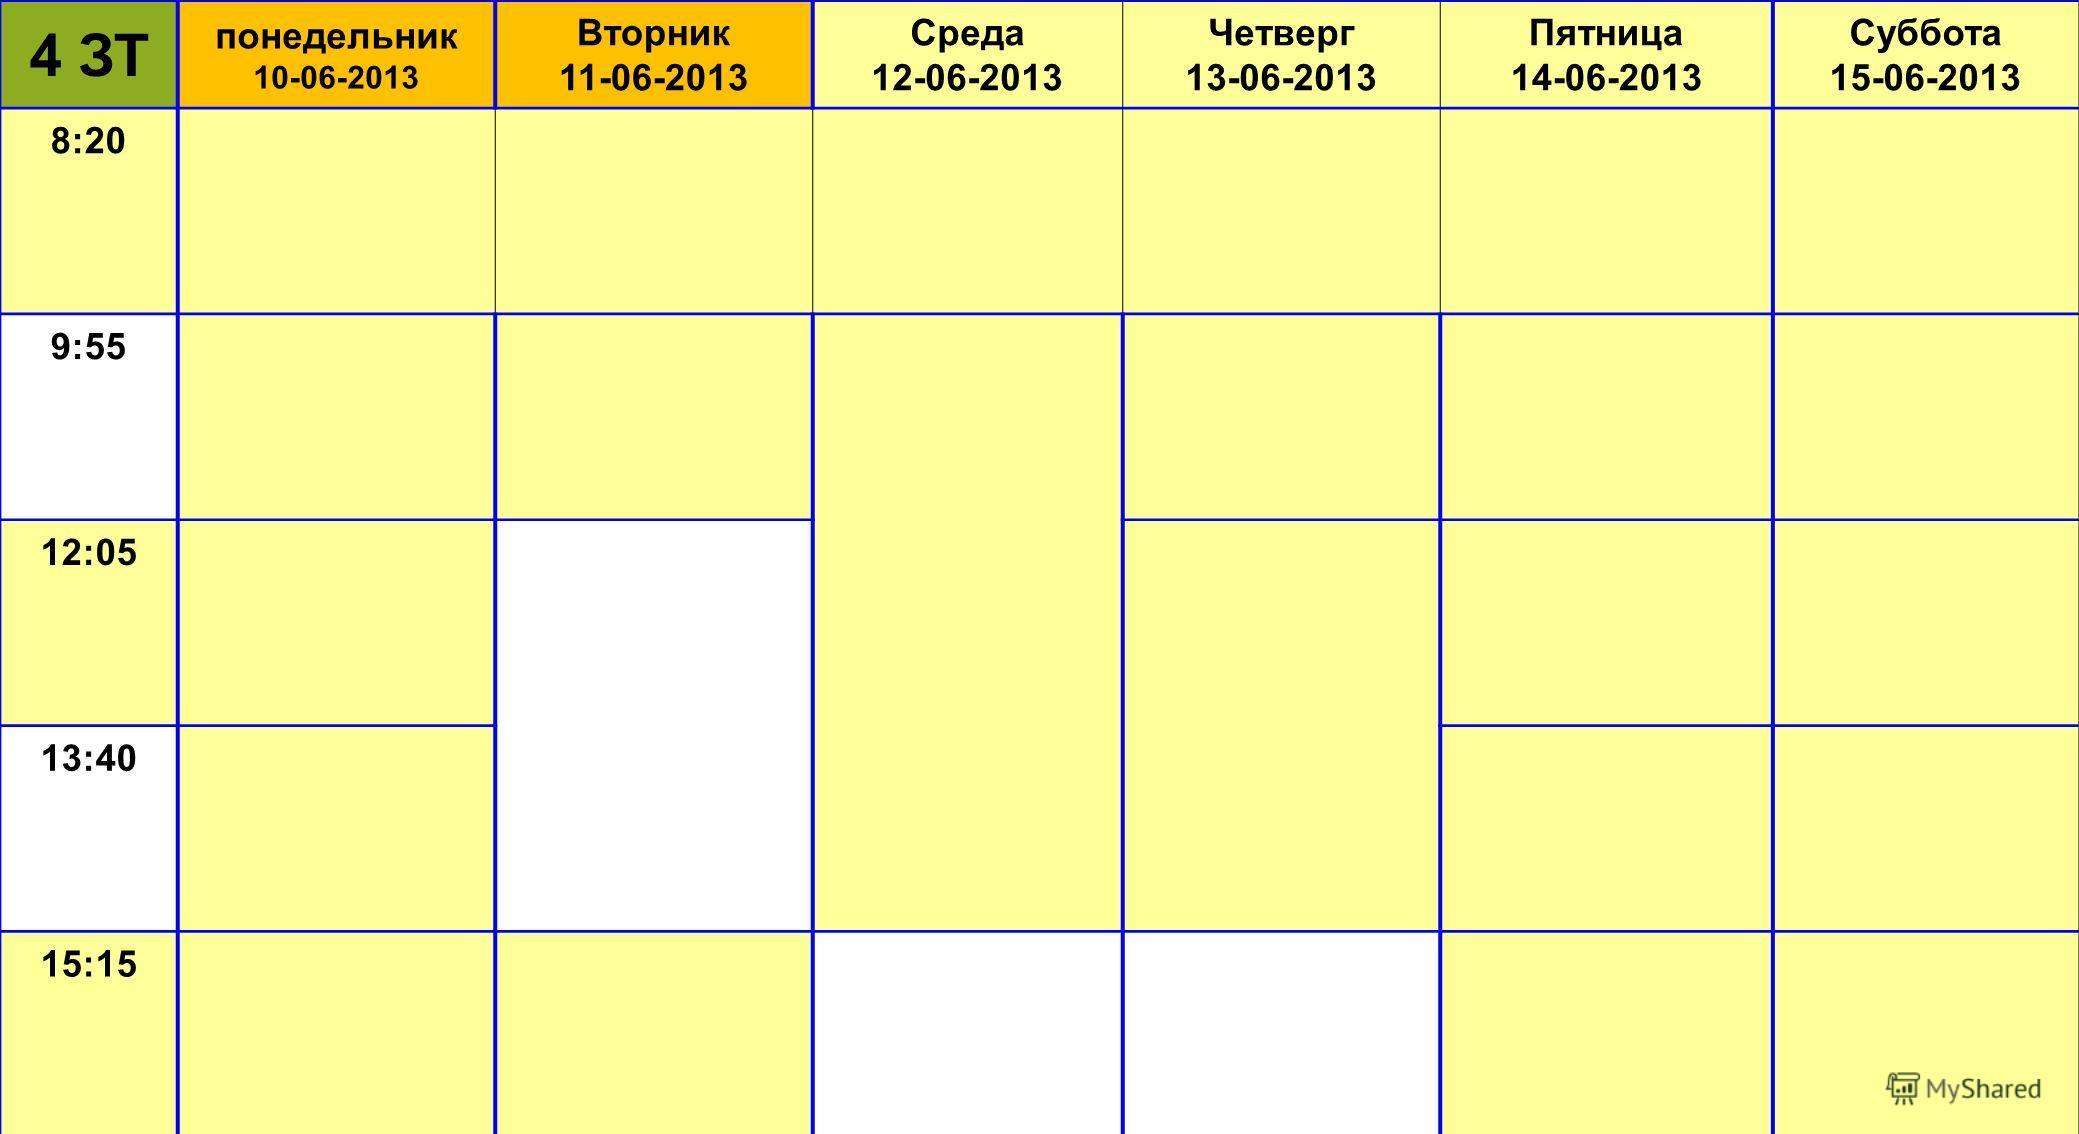 4 ЗТ понедельник 10-06-2013 Вторник 11-06-2013 Среда 12-06-2013 Четверг 13-06-2013 Пятница 14-06-2013 Суббота 15-06-2013 8:20 9:55 12:05 13:40 15:15